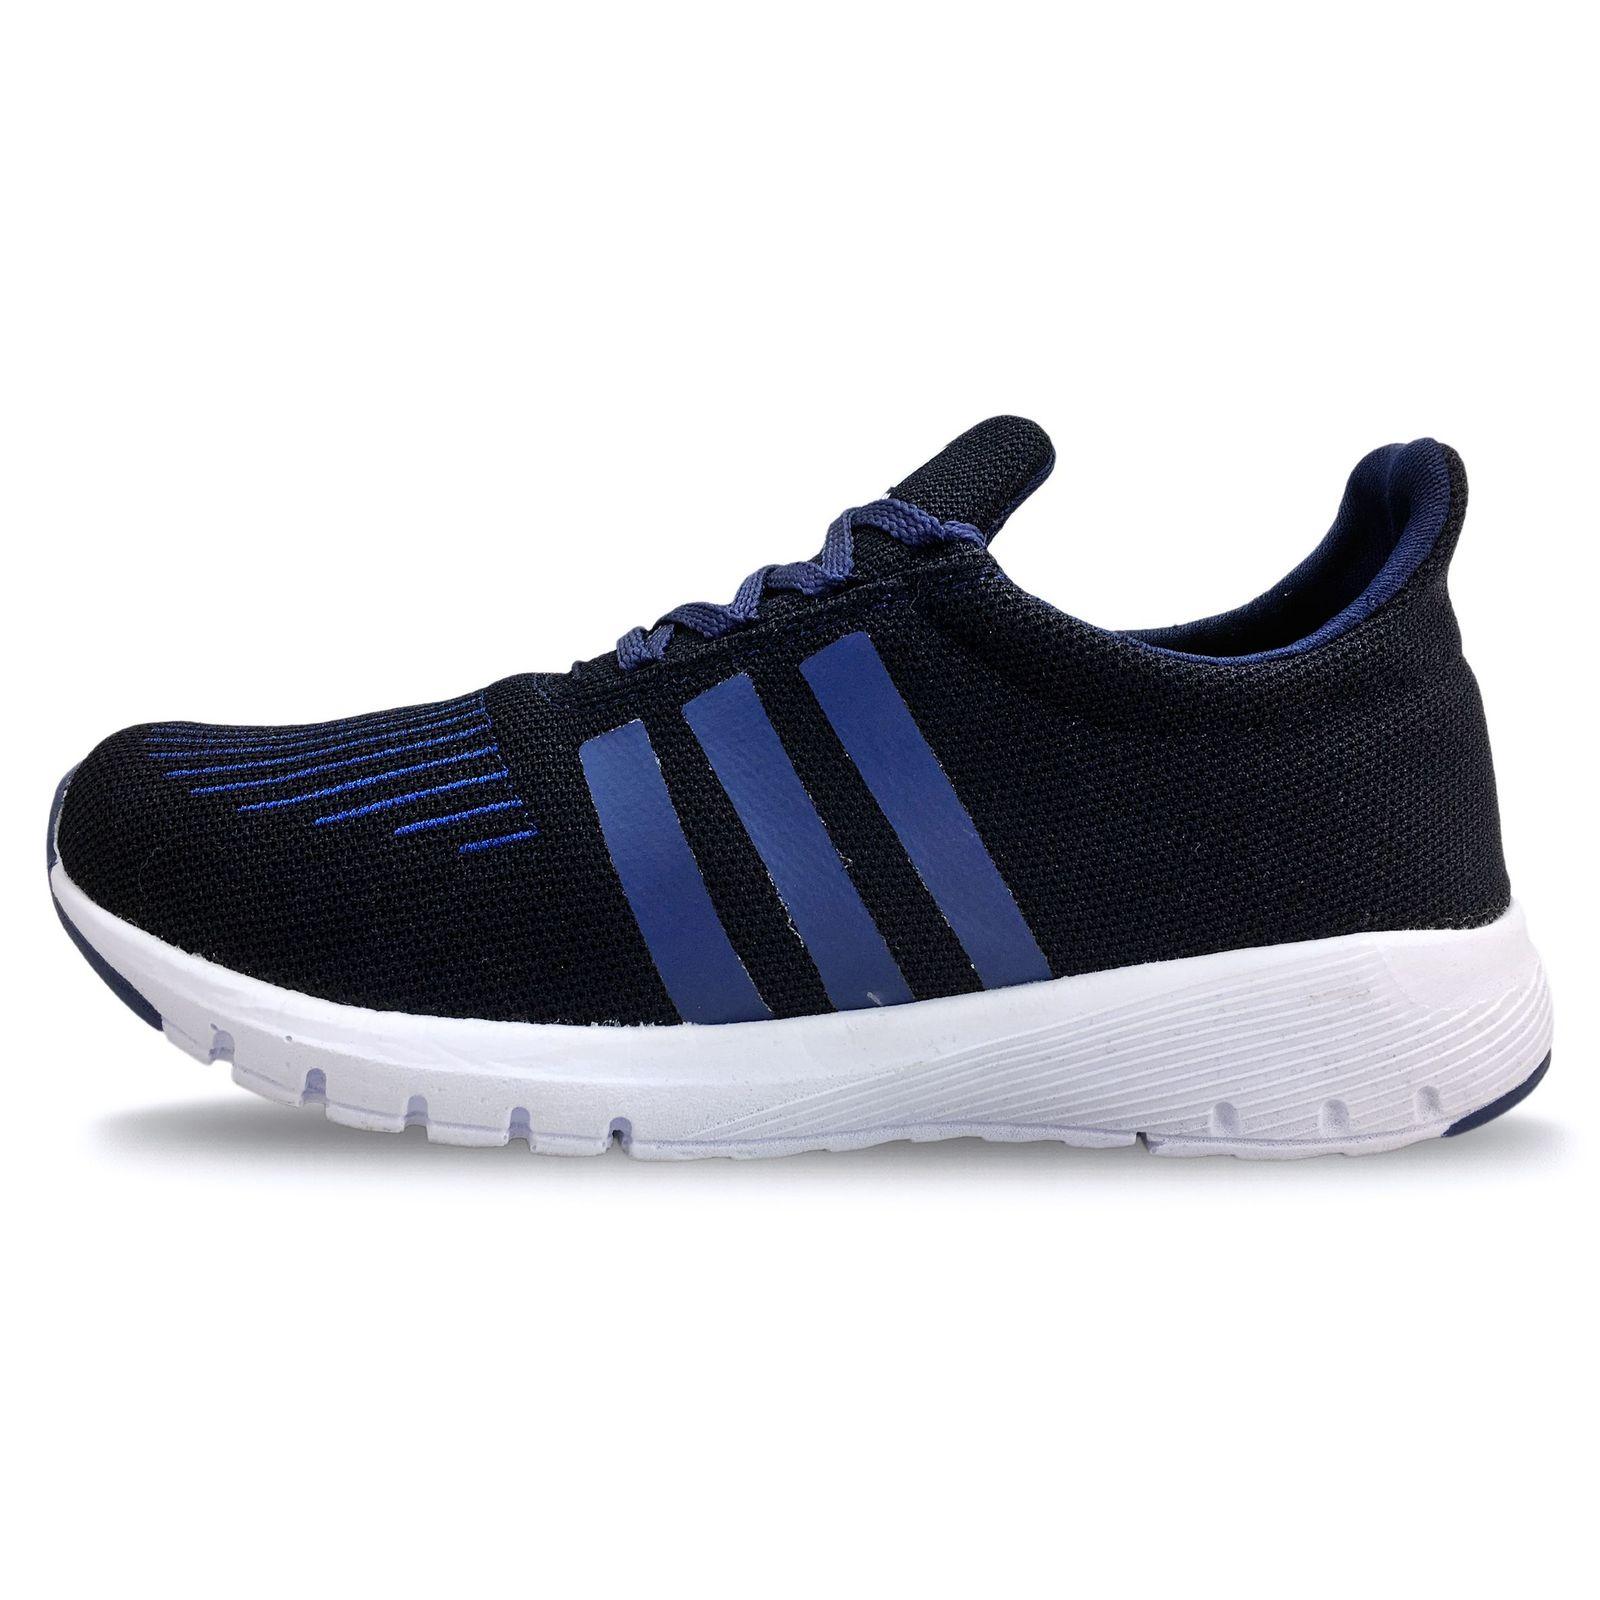 کفش مخصوص پیاده روی مردانه کد 3699